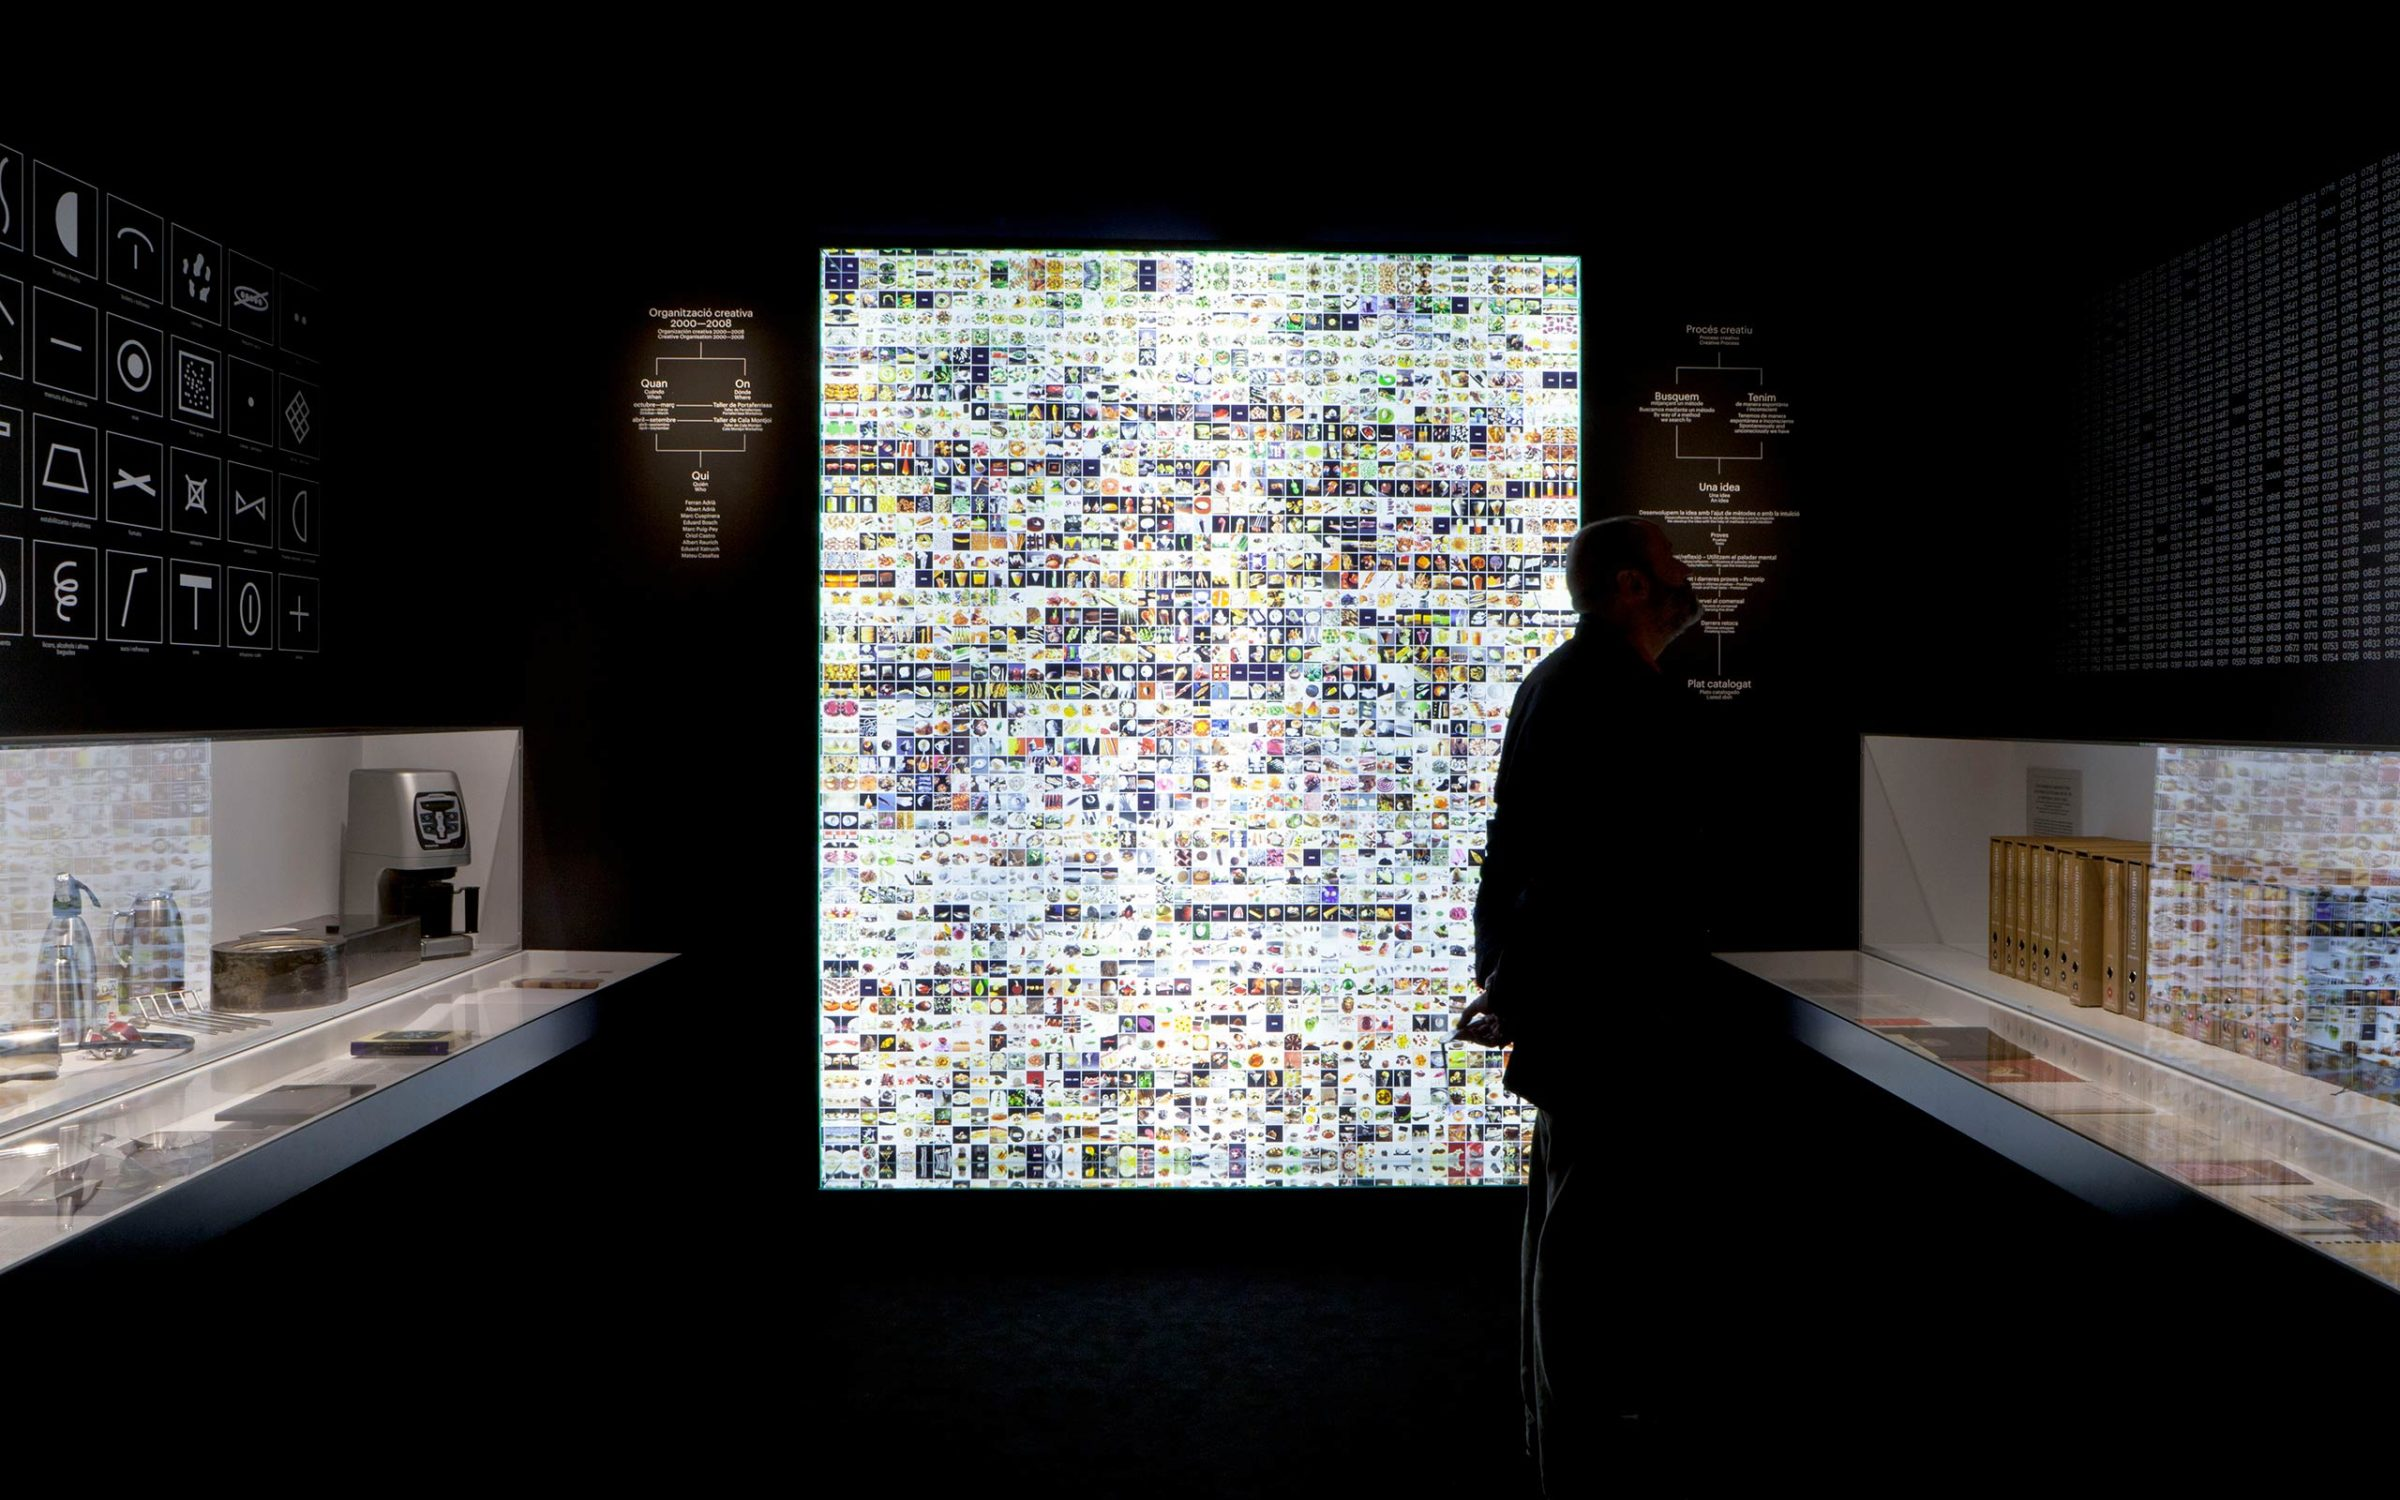 Ferran Adrià & elBulli: Risk, Freedom & Creativity